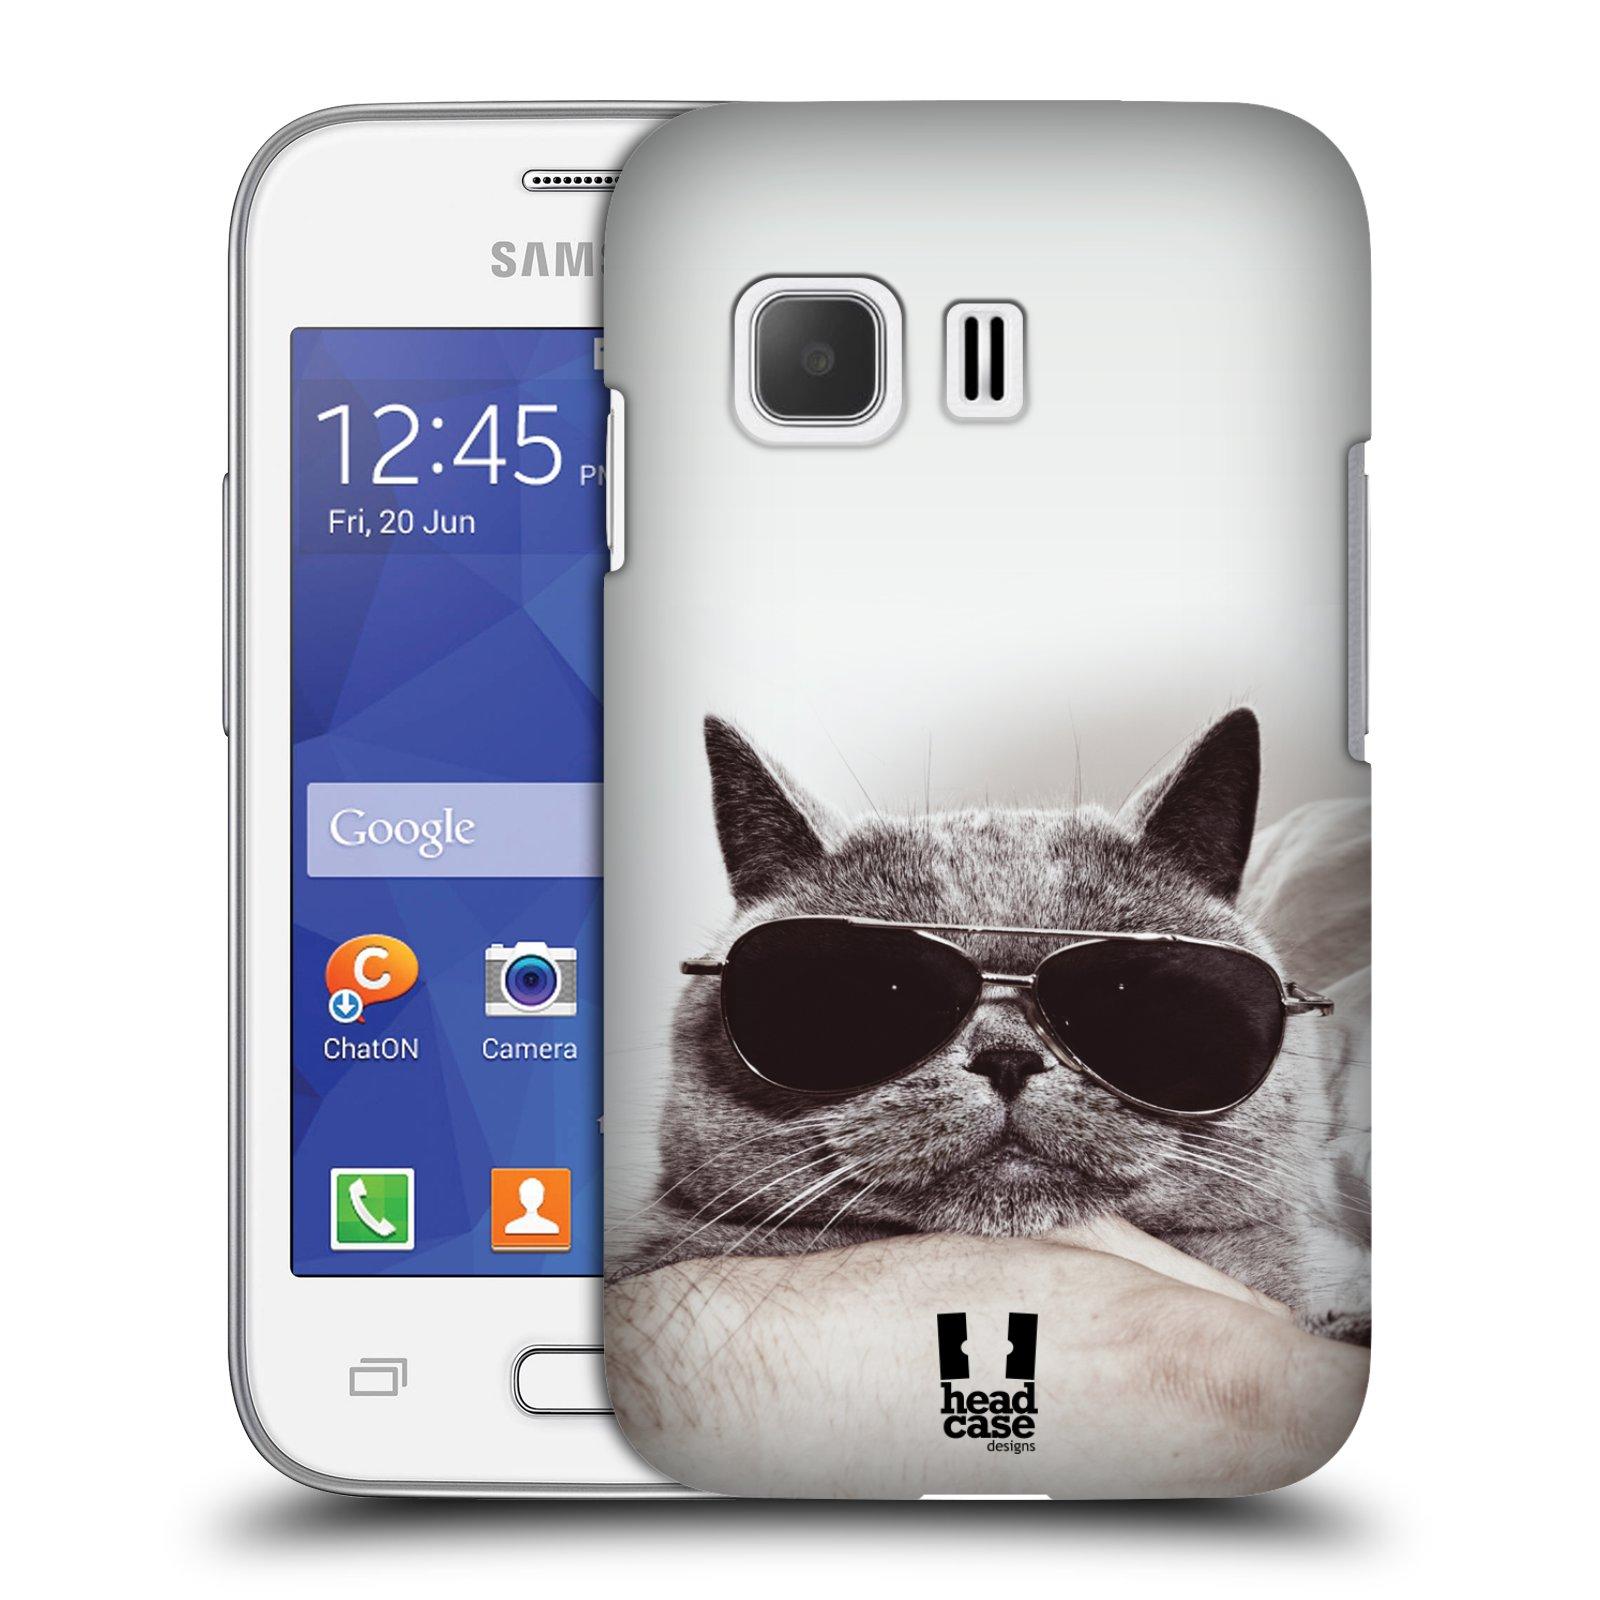 Plastové pouzdro na mobil Samsung Galaxy Young 2 HEAD CASE KOTĚ S BRÝLEMI (Kryt či obal na mobilní telefon Samsung Galaxy Young 2 SM-G130)